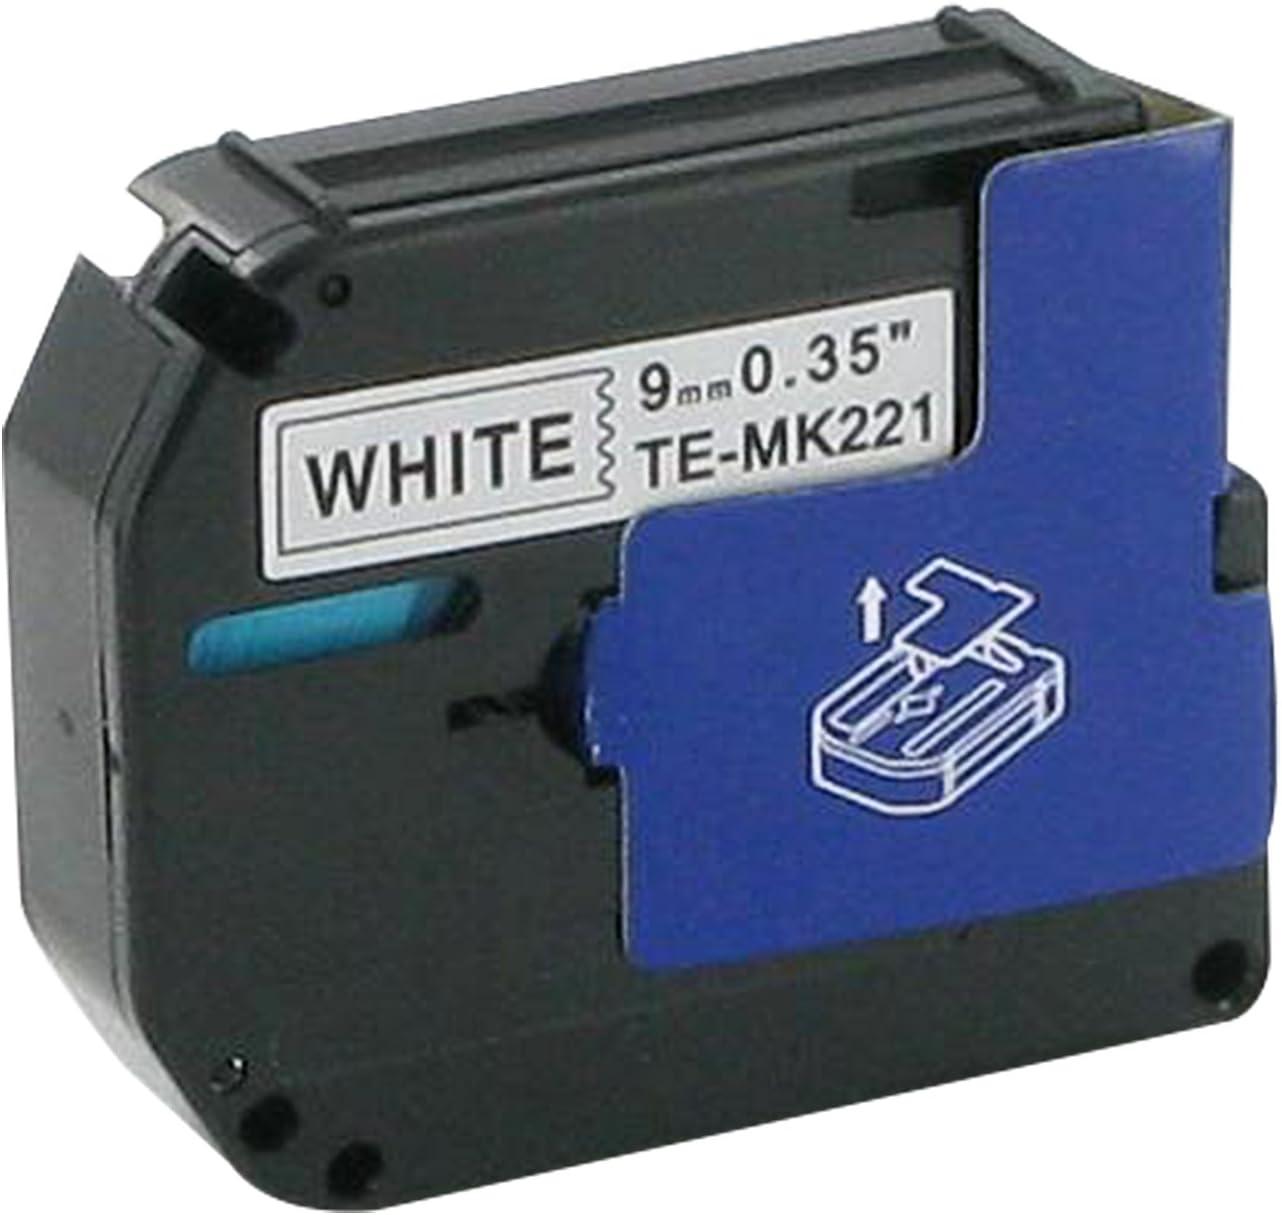 Bubprint Ruban pour /étiqueteuse compatible avec Brother M-K221 MK221 pour P-Touch 55 65 75 80 90 M95